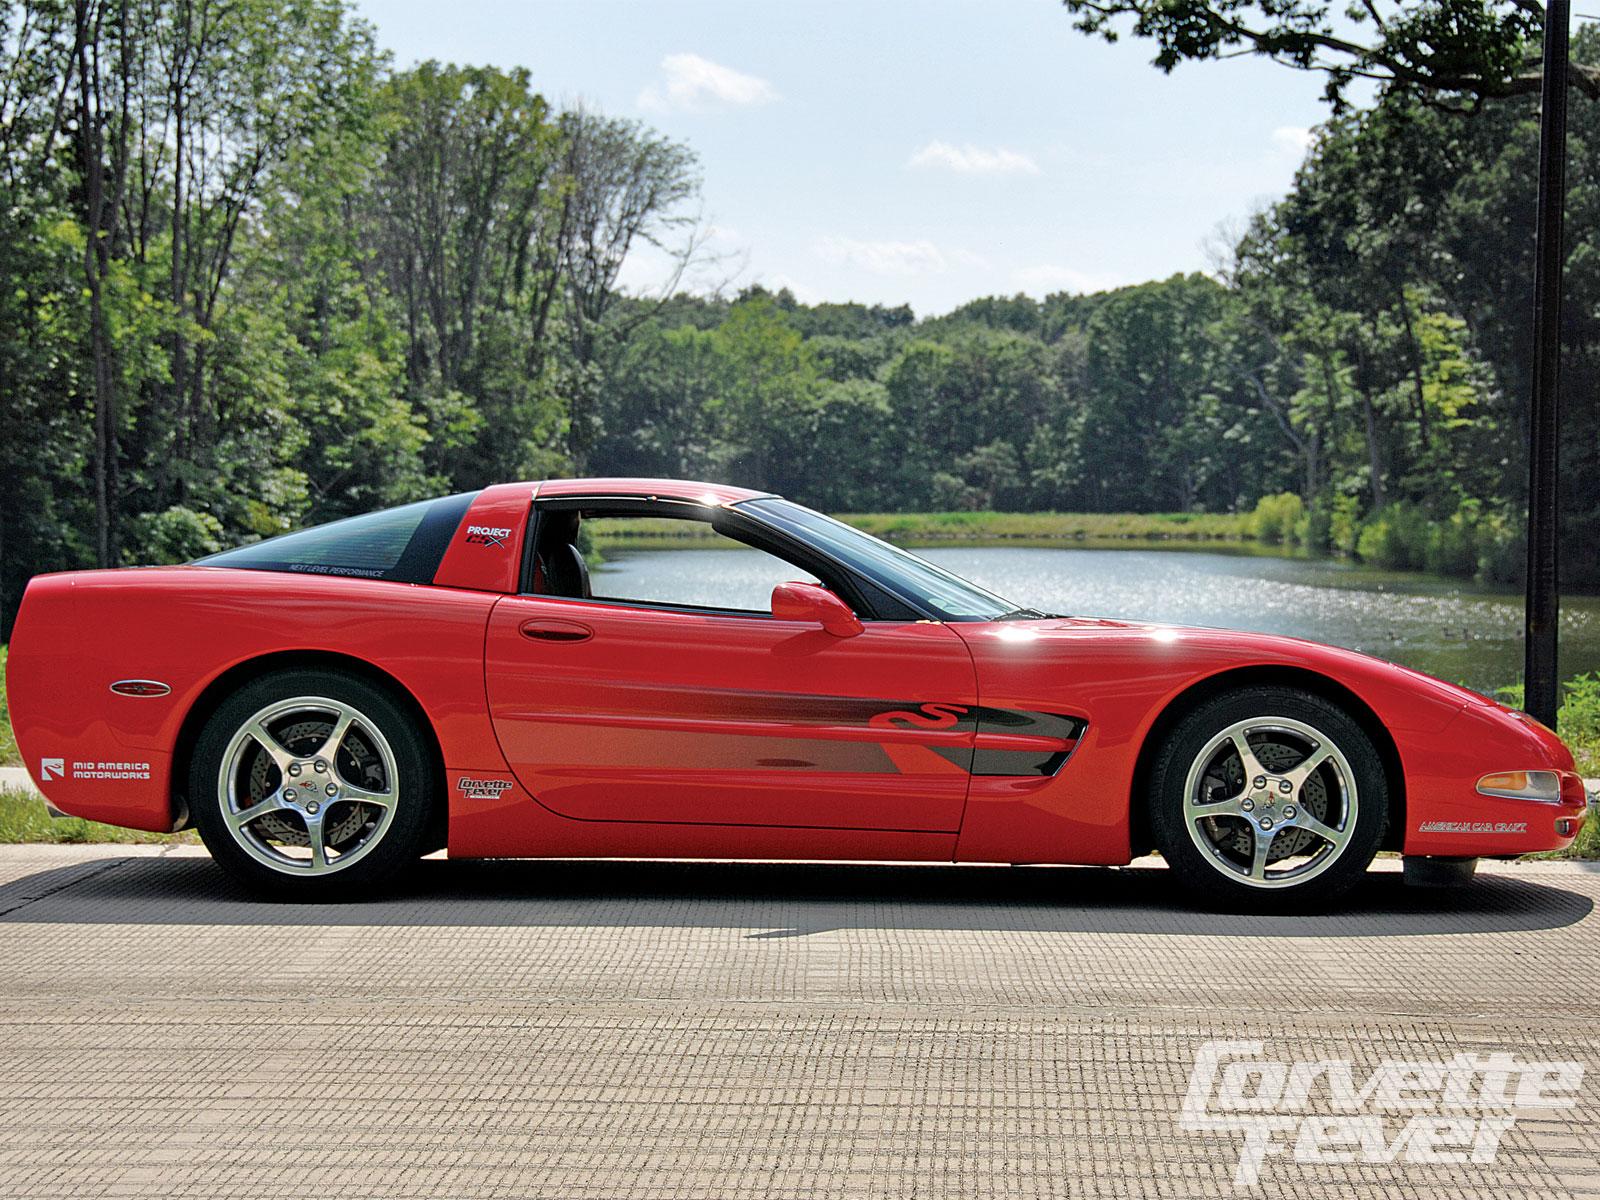 2000 Corvette httpwwwpic2flycom2000Corvettehtml 1600x1200